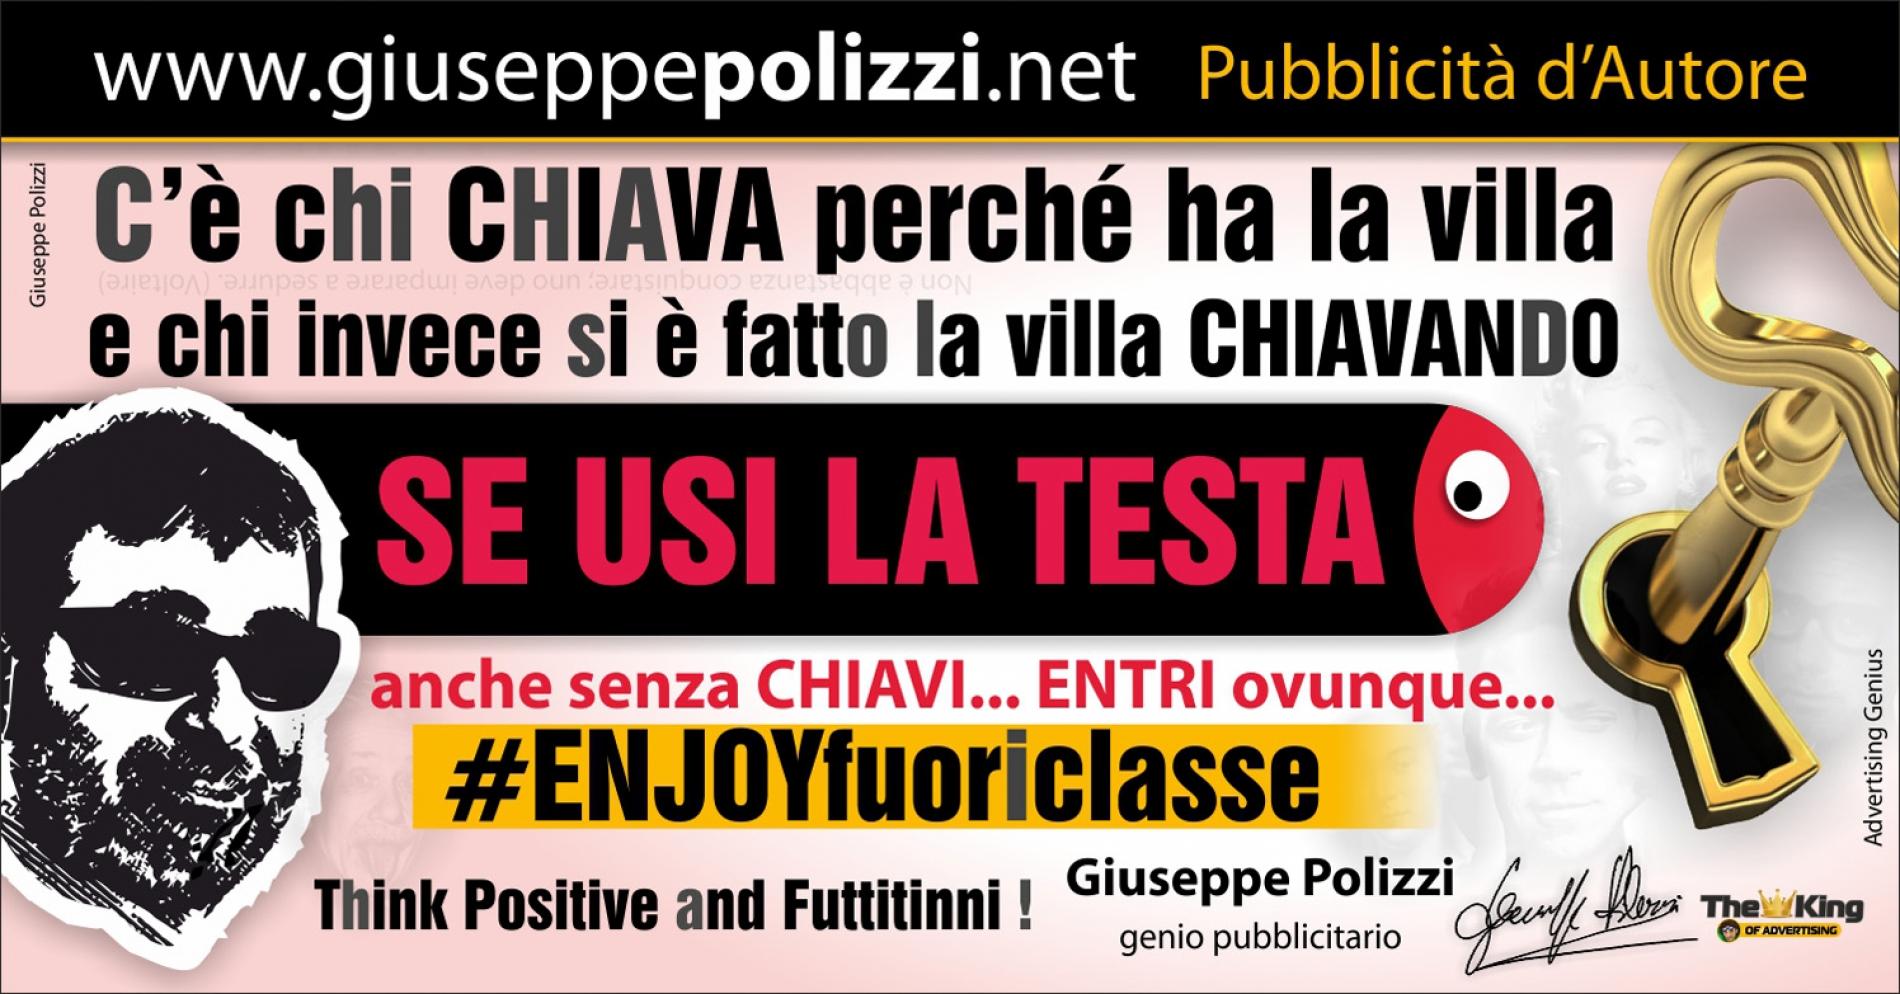 giuseppe polizzi aforismi enjoy 2016 crazy marketing